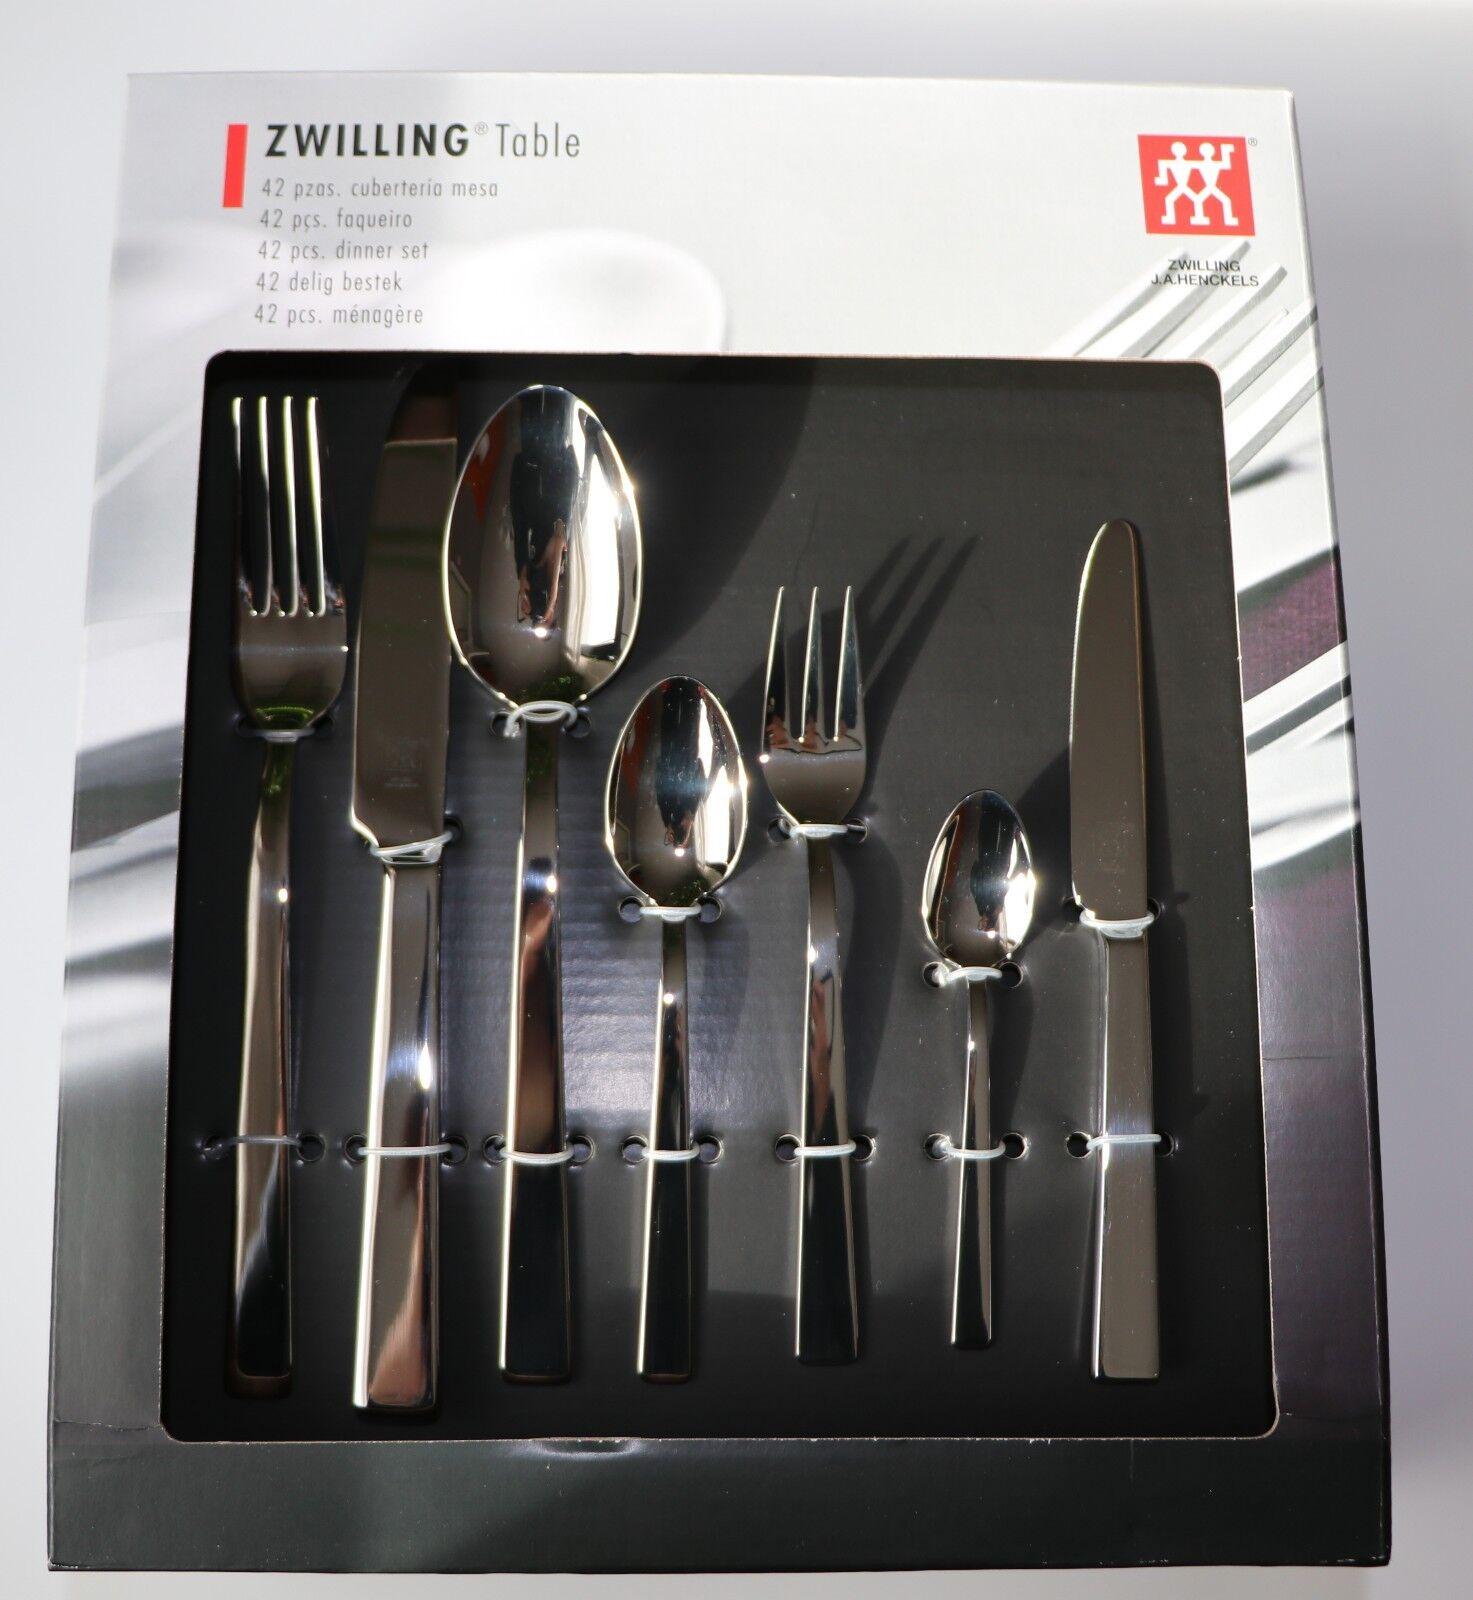 Jumeau Set de Couverts   Table   42-teilig Neuf, Emballage D'Origine